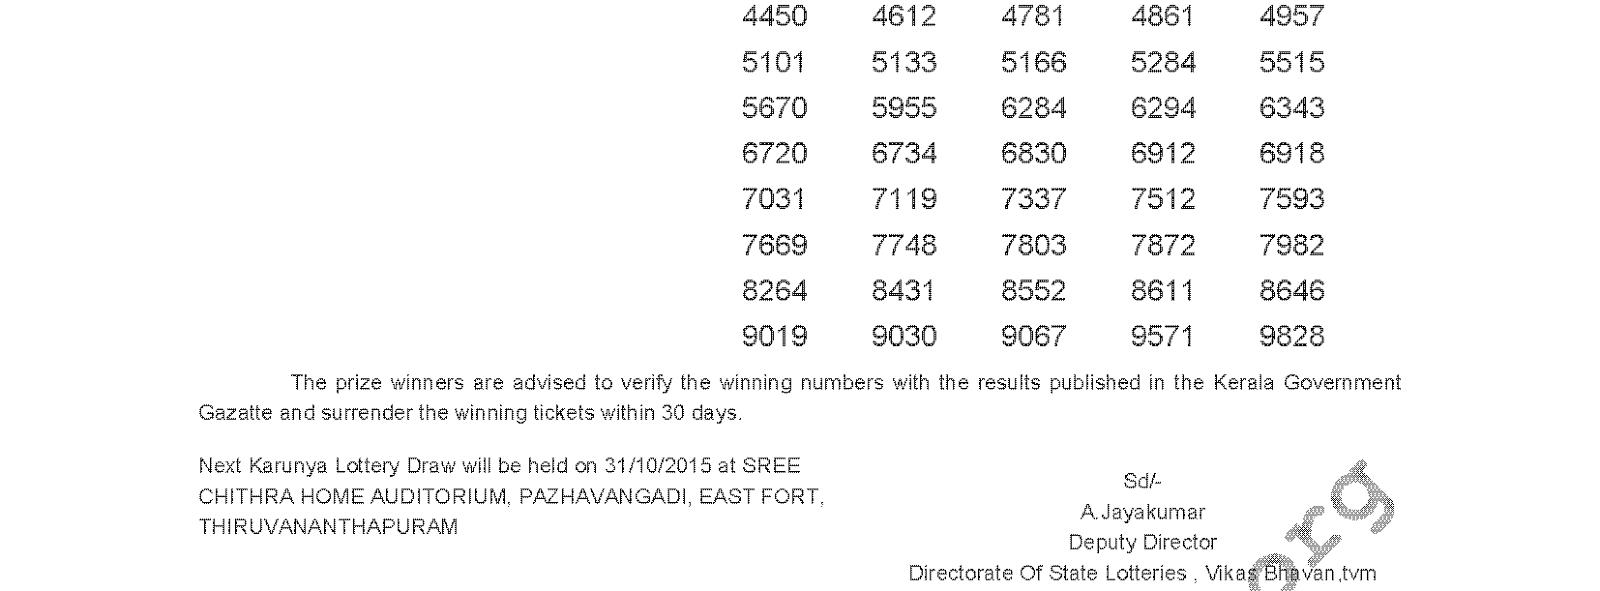 Karunya Lottery KR 212 Result 24-10-2015